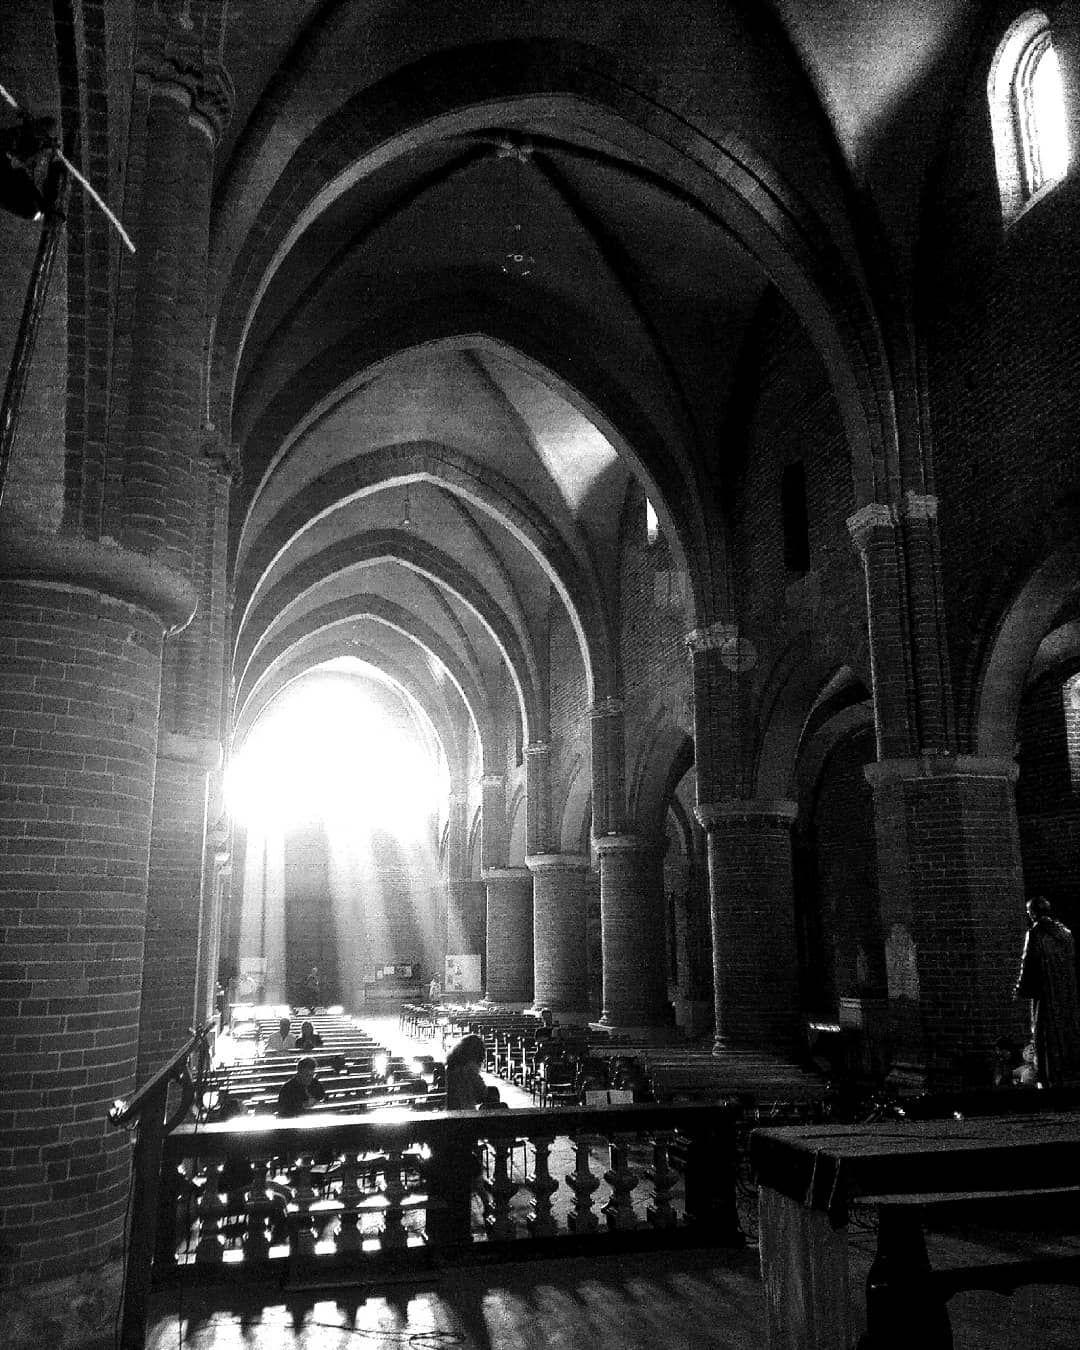 Abadía de Morimondo #photography  #photographylovers  #travelitaly #travelphotography  #blackandwhitephotography #church...